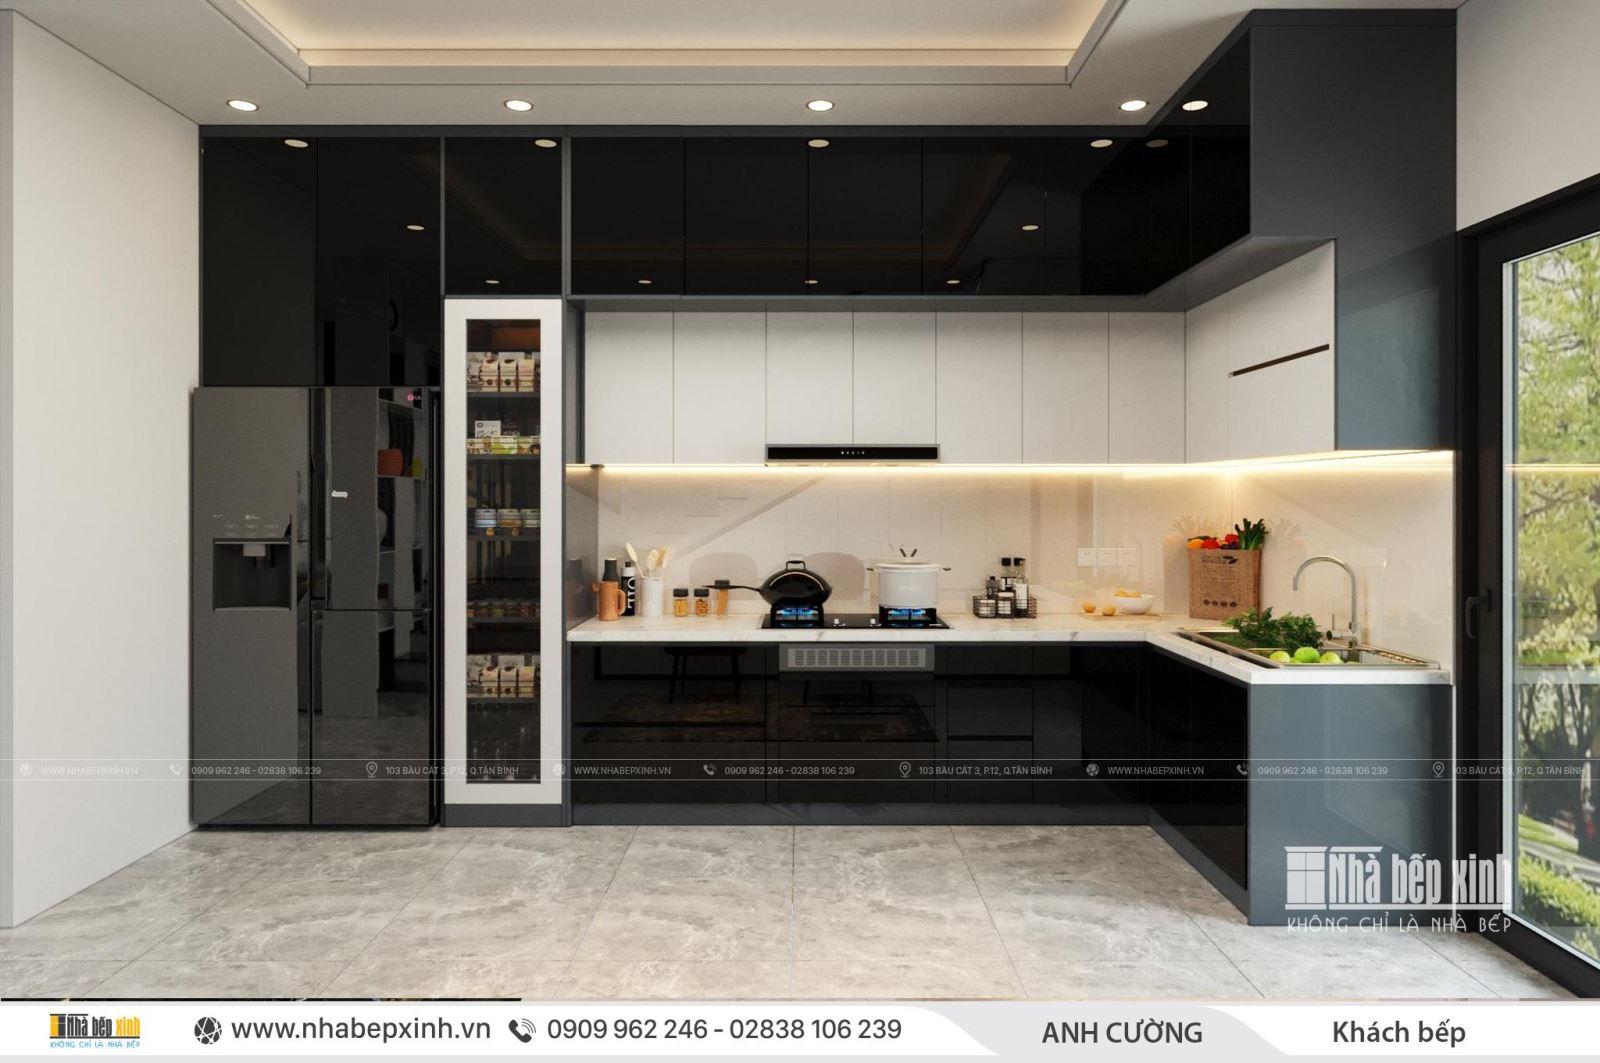 Thiết kế nội thất trọn gói phong cách hiện đại